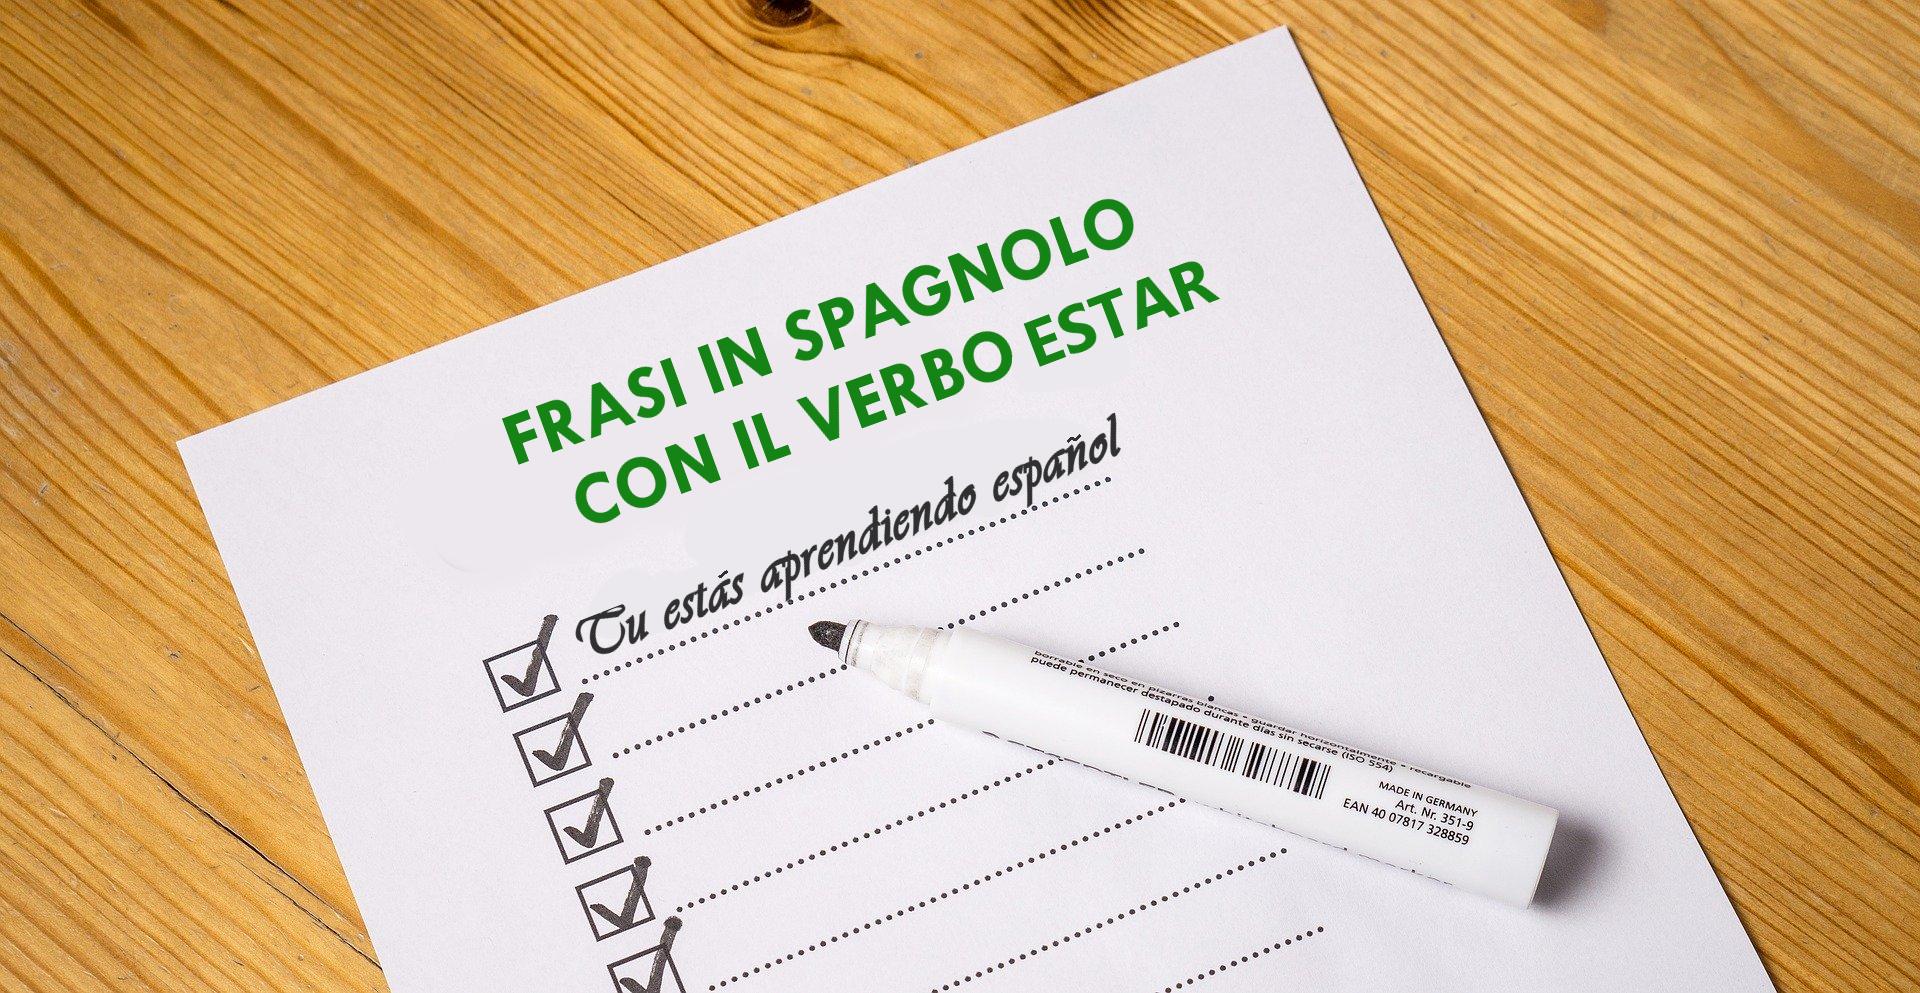 Frasi Con Il Verbo Estar Spagnolo Calzari Alati